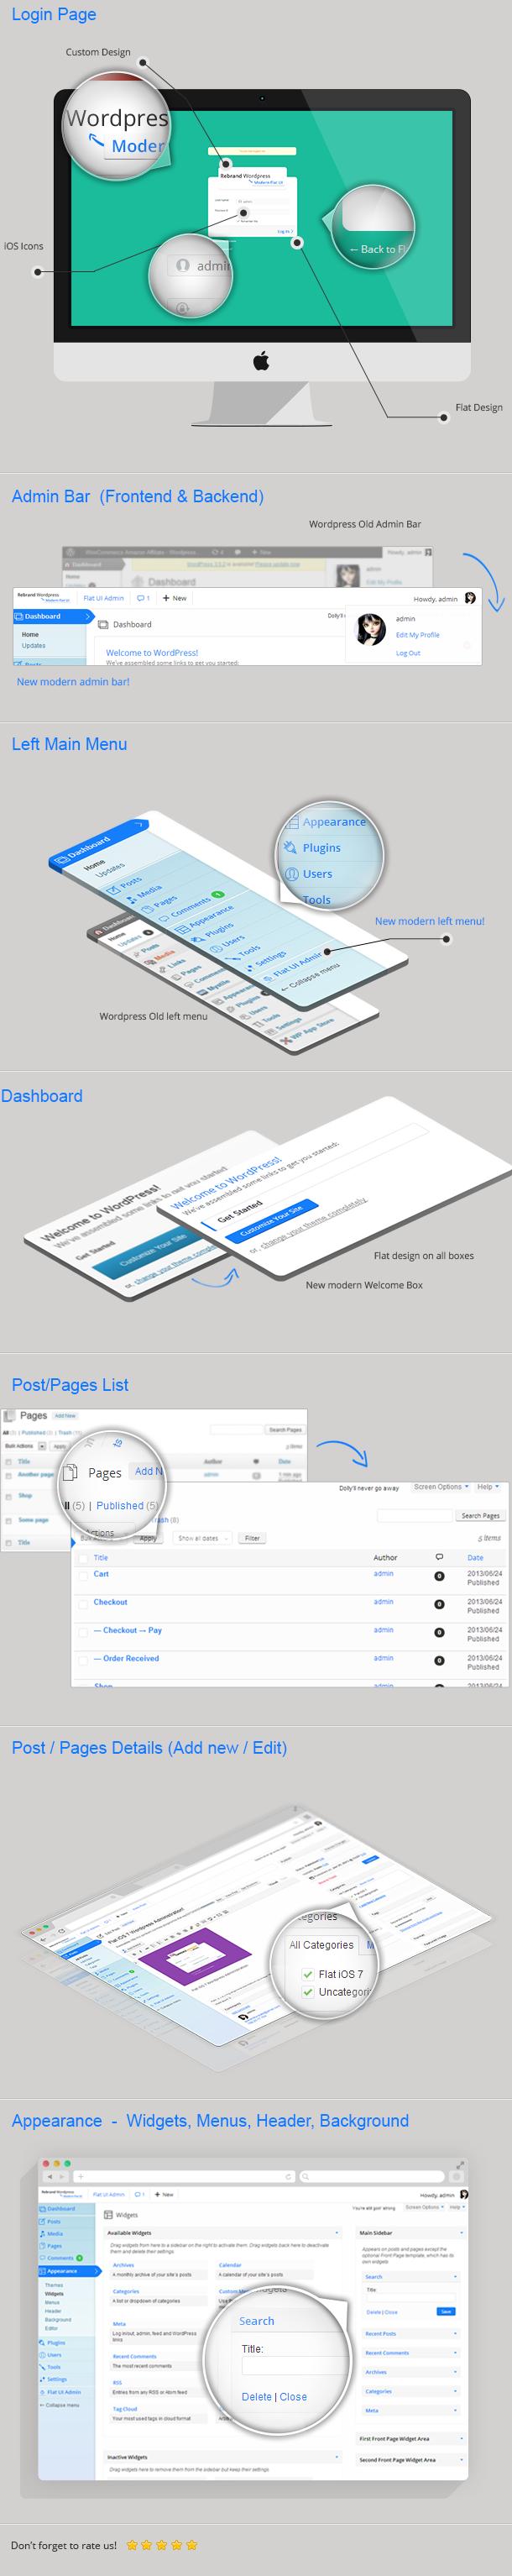 Rebrand WordPress Admin Theme - Modern Flat UI - 9